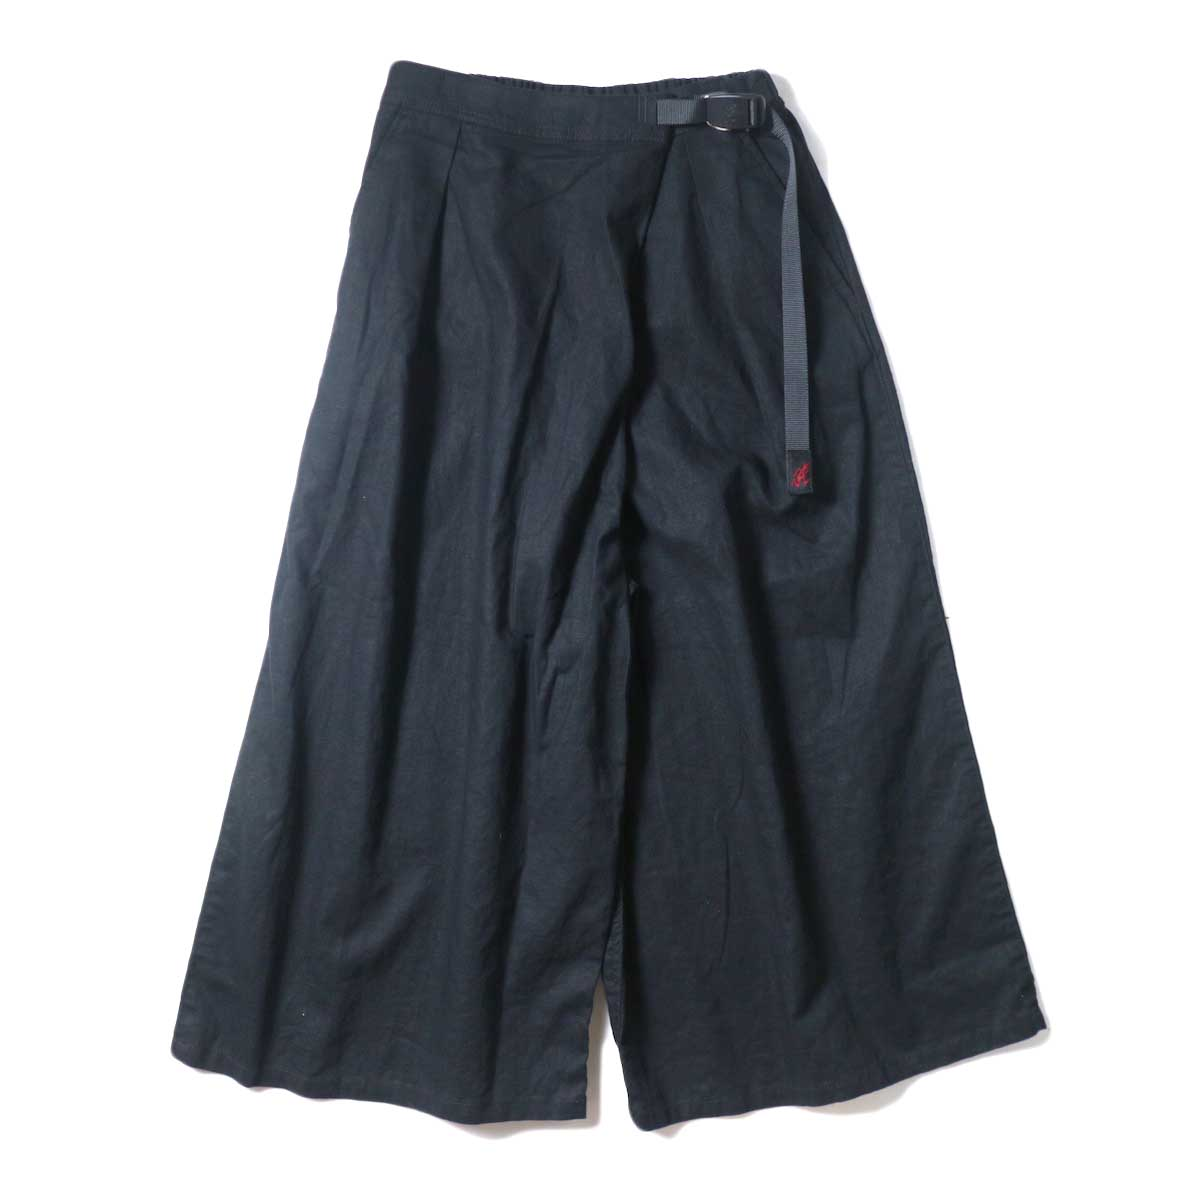 (Ladie's) GRAMICCI / LINEN WRAP FLARE PANTS (Black)